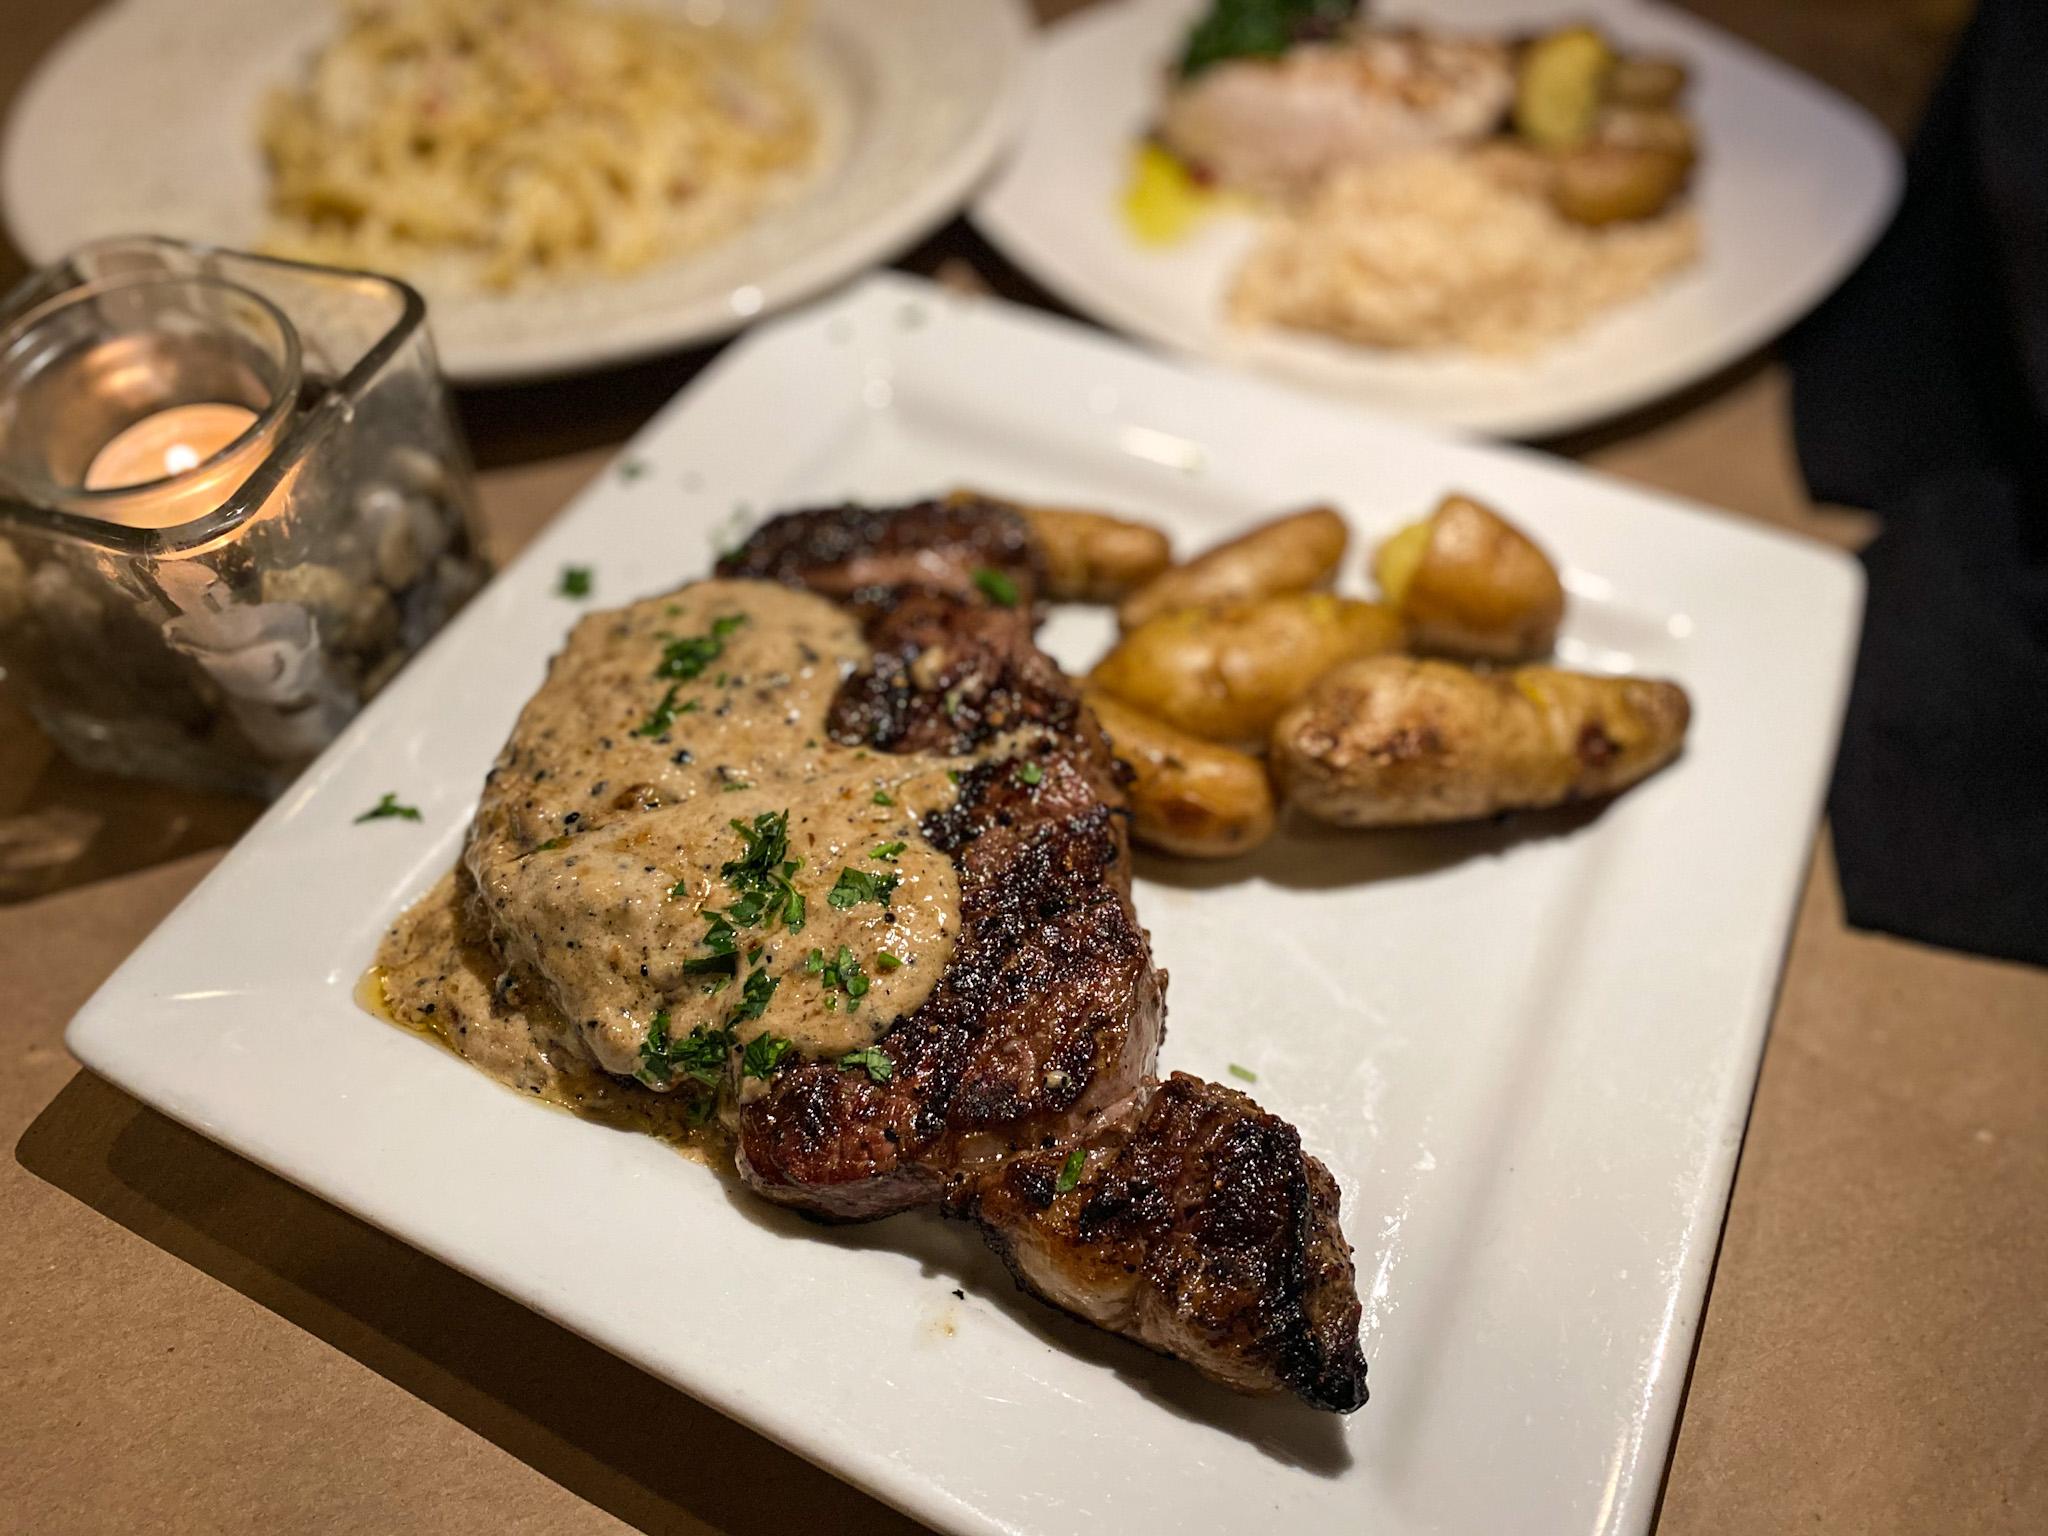 Sterling's Ribeye. 16 oz Maker's Mark au poivre sauce, black peppercorns and rosemary fingerling potatoes